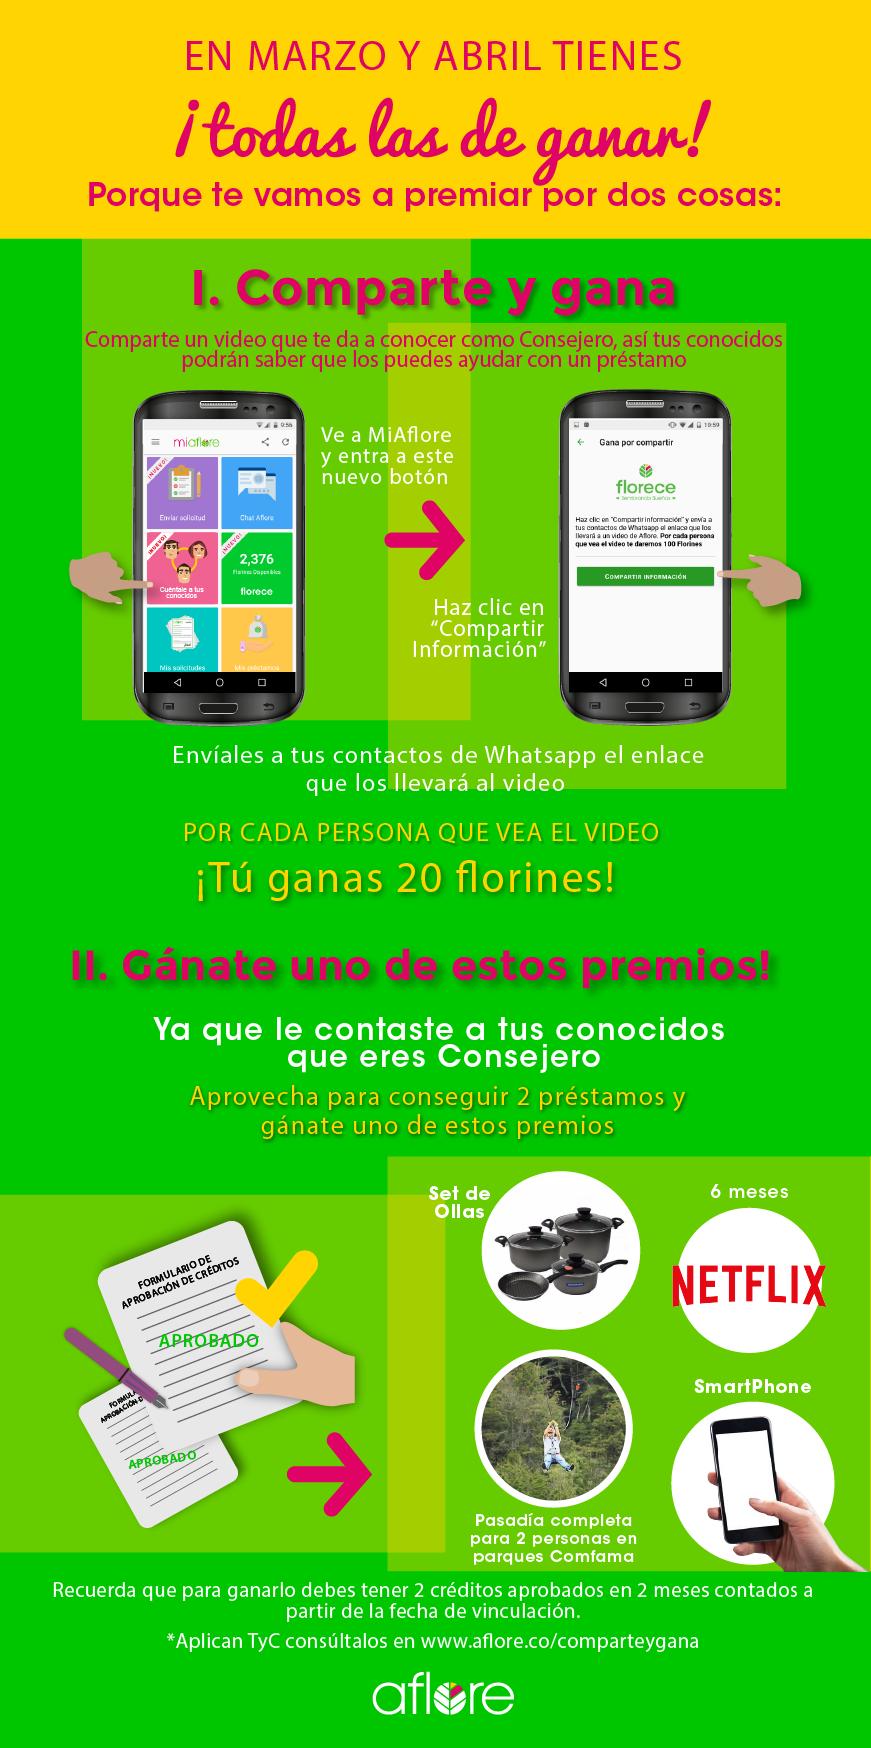 editable campañaMarzoAbril actualizado abril-02.png